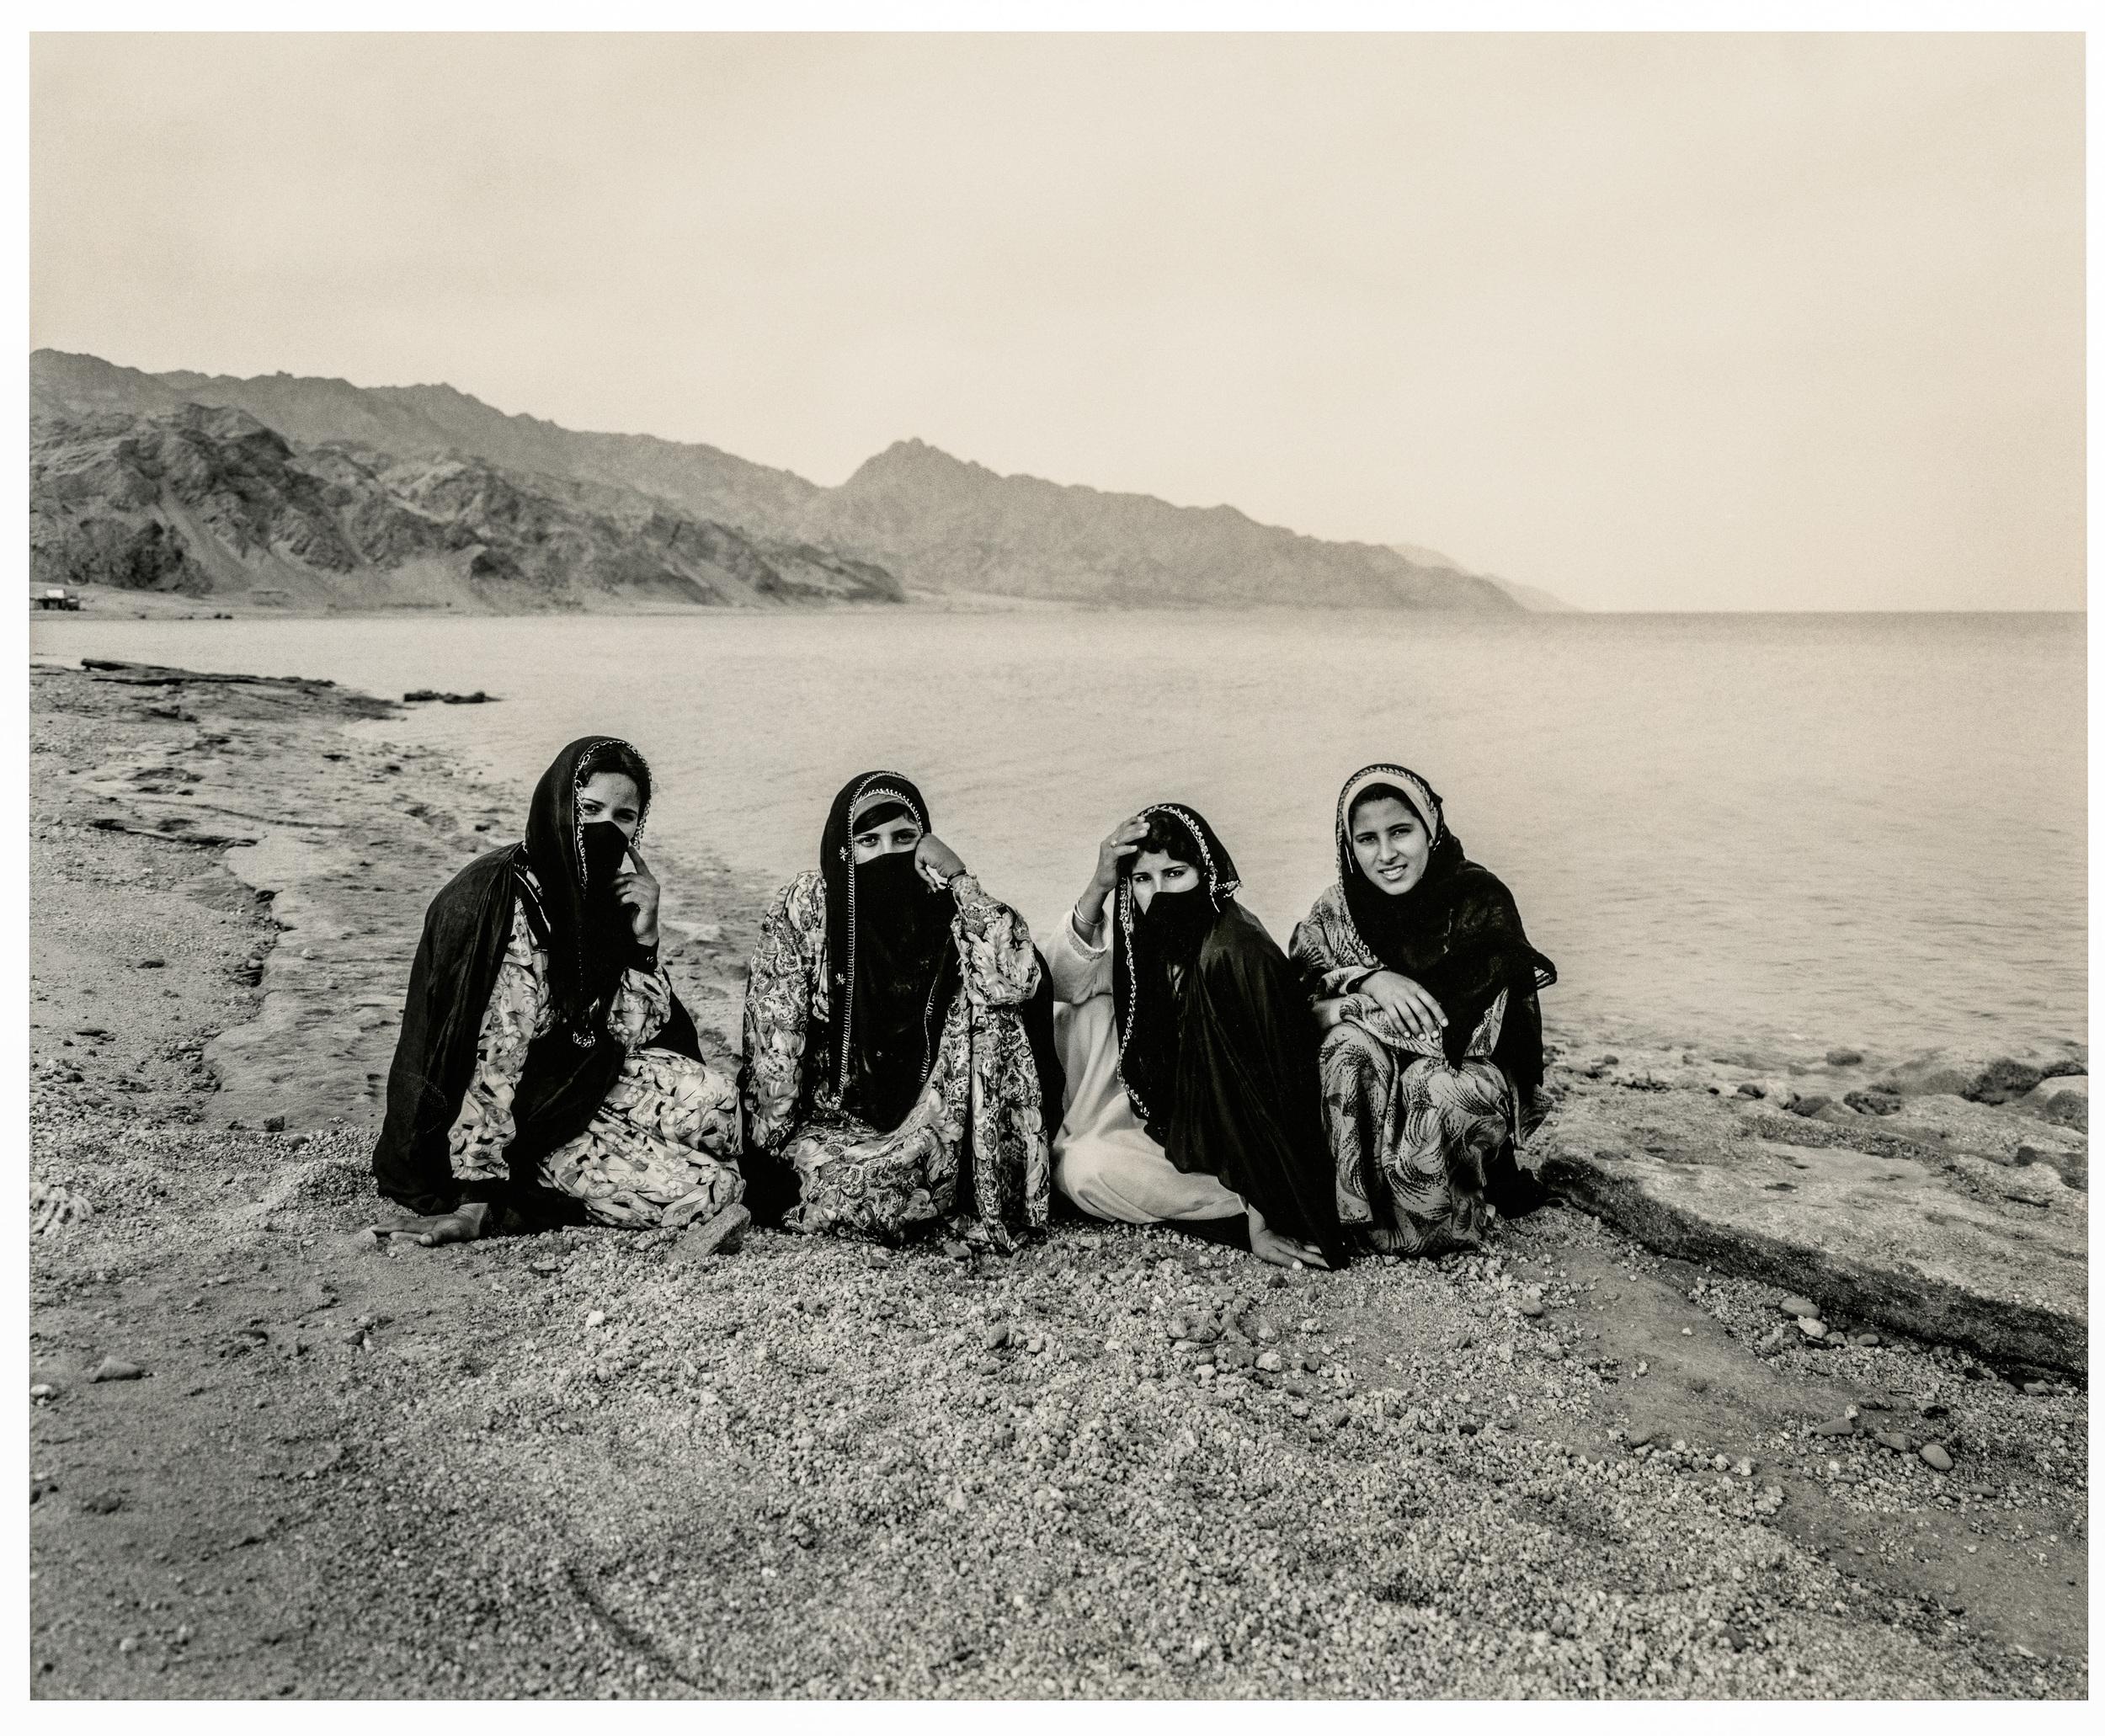 Ouida's Daughters, Sinai Desert.